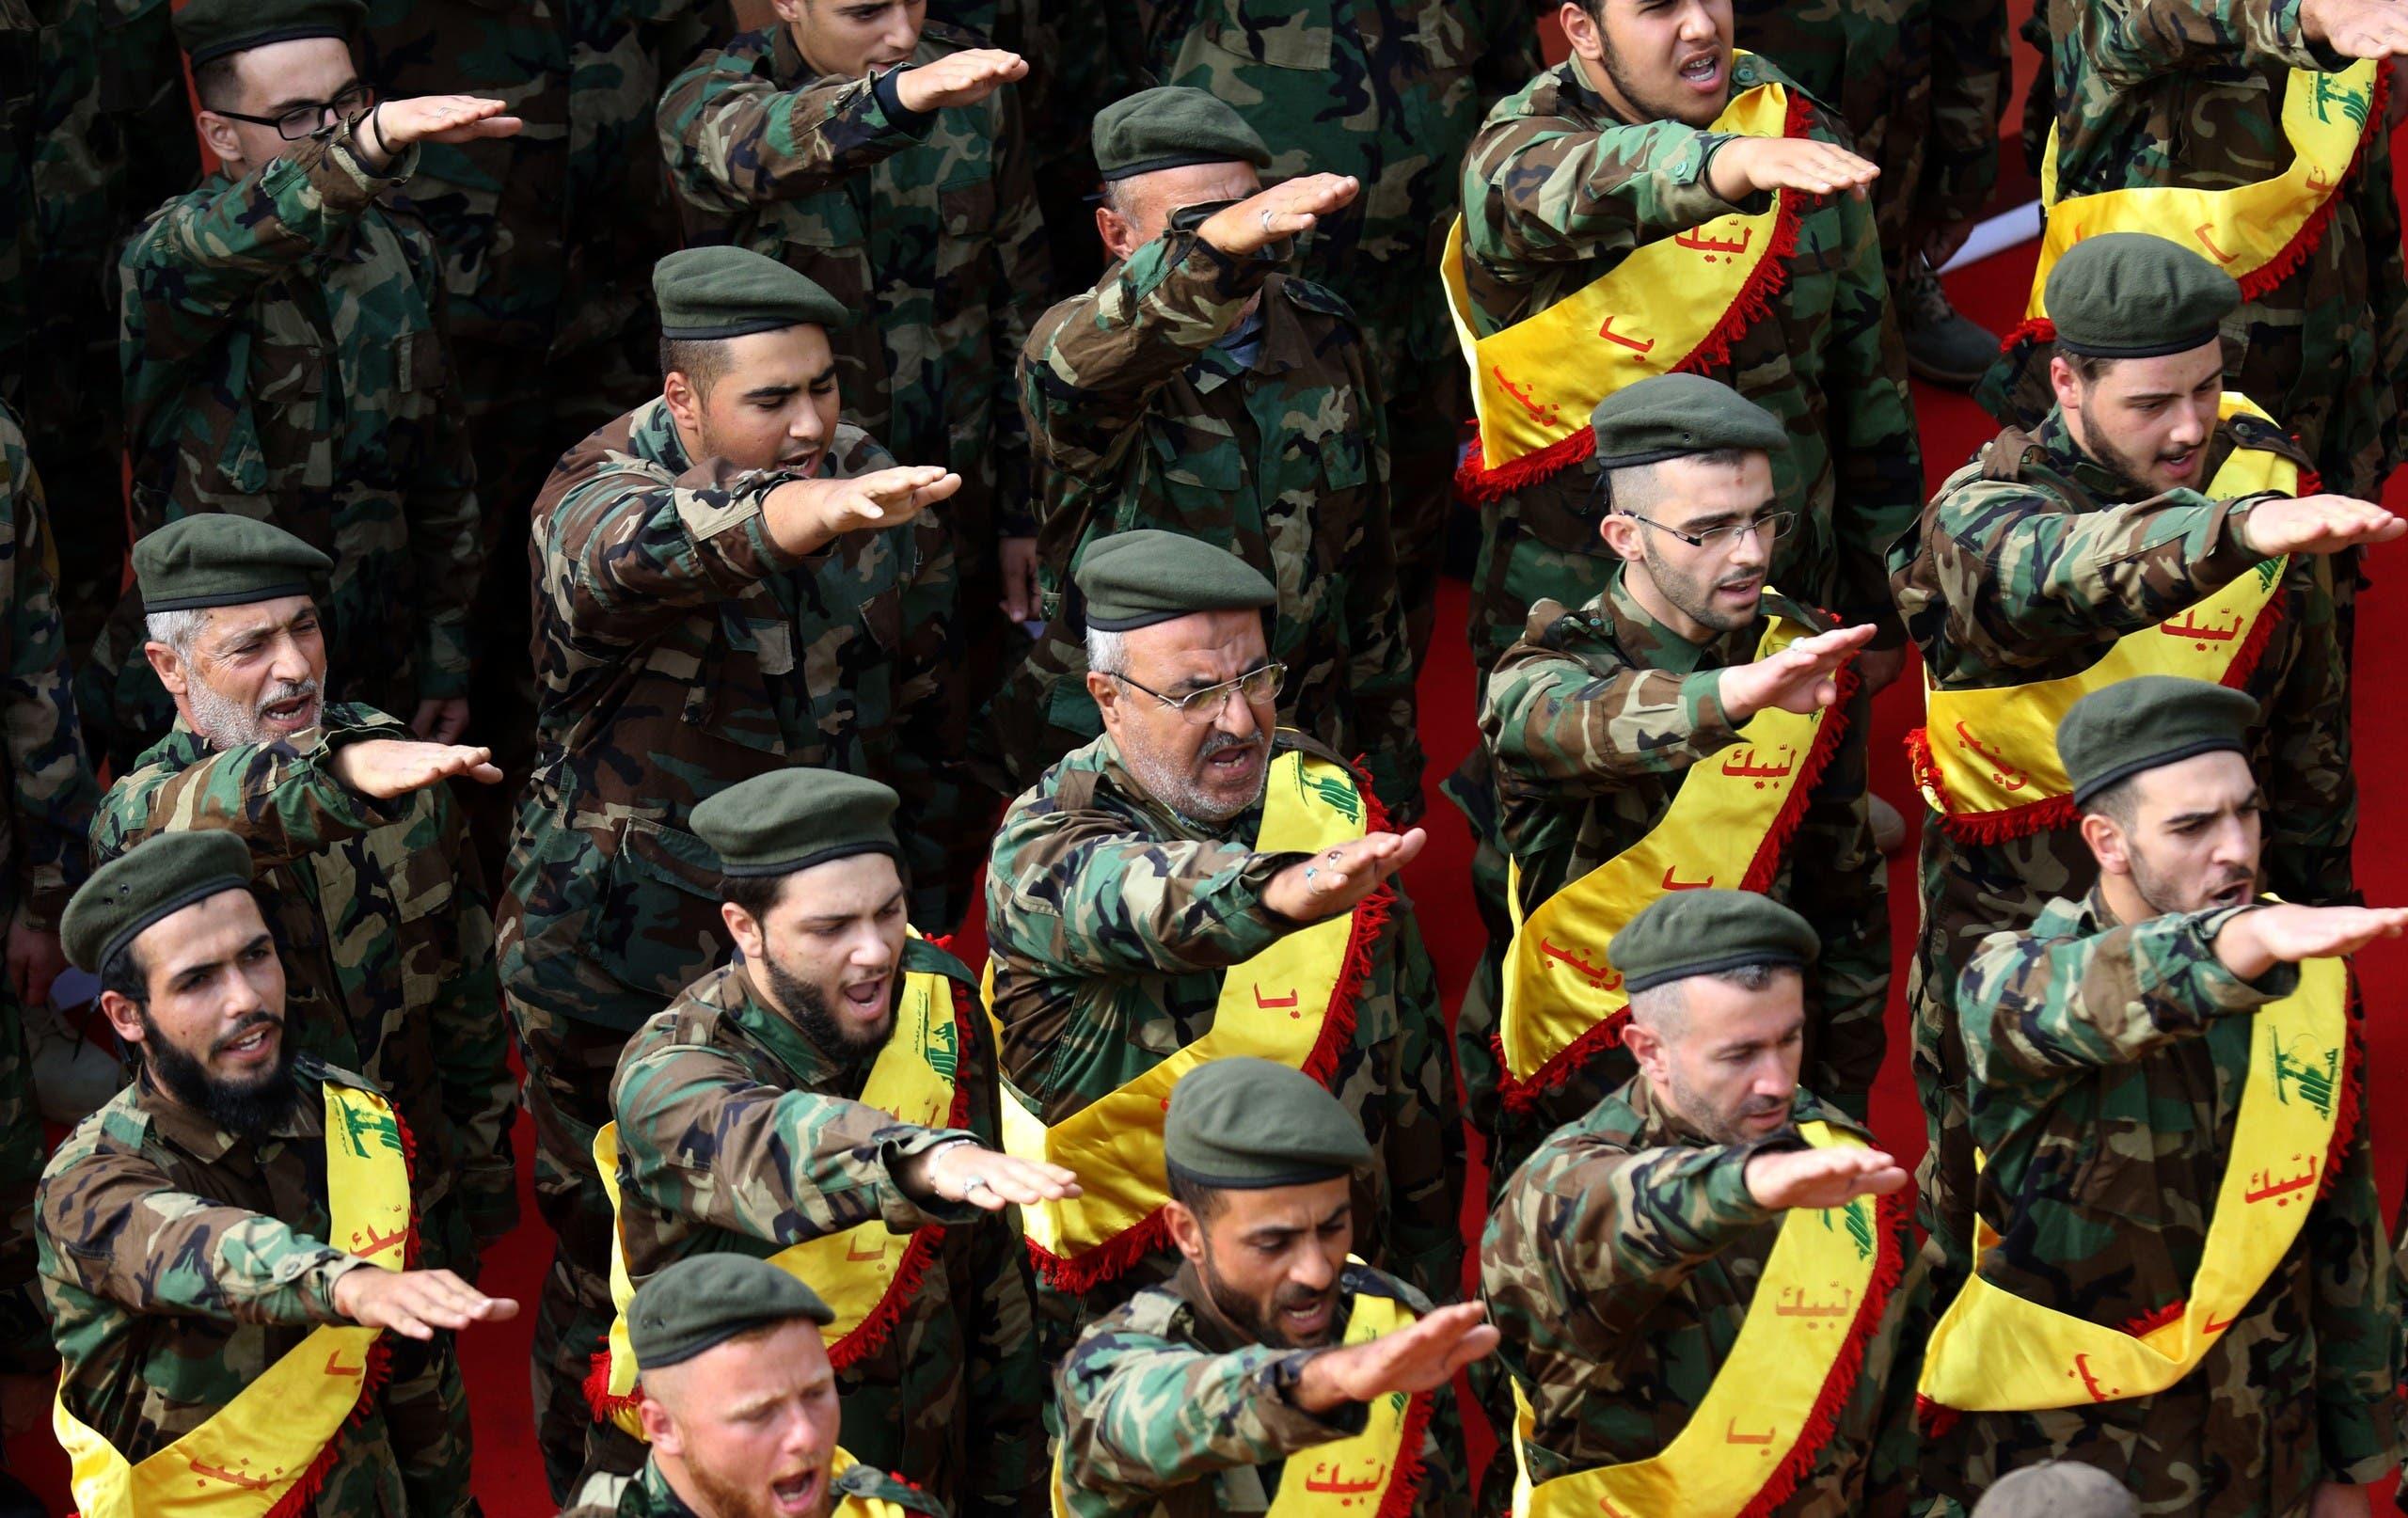 Mai 2008, lorsque la milice du Hezbollah a terrorisé la capitale Beyrouth et fait couler le sang des libanais